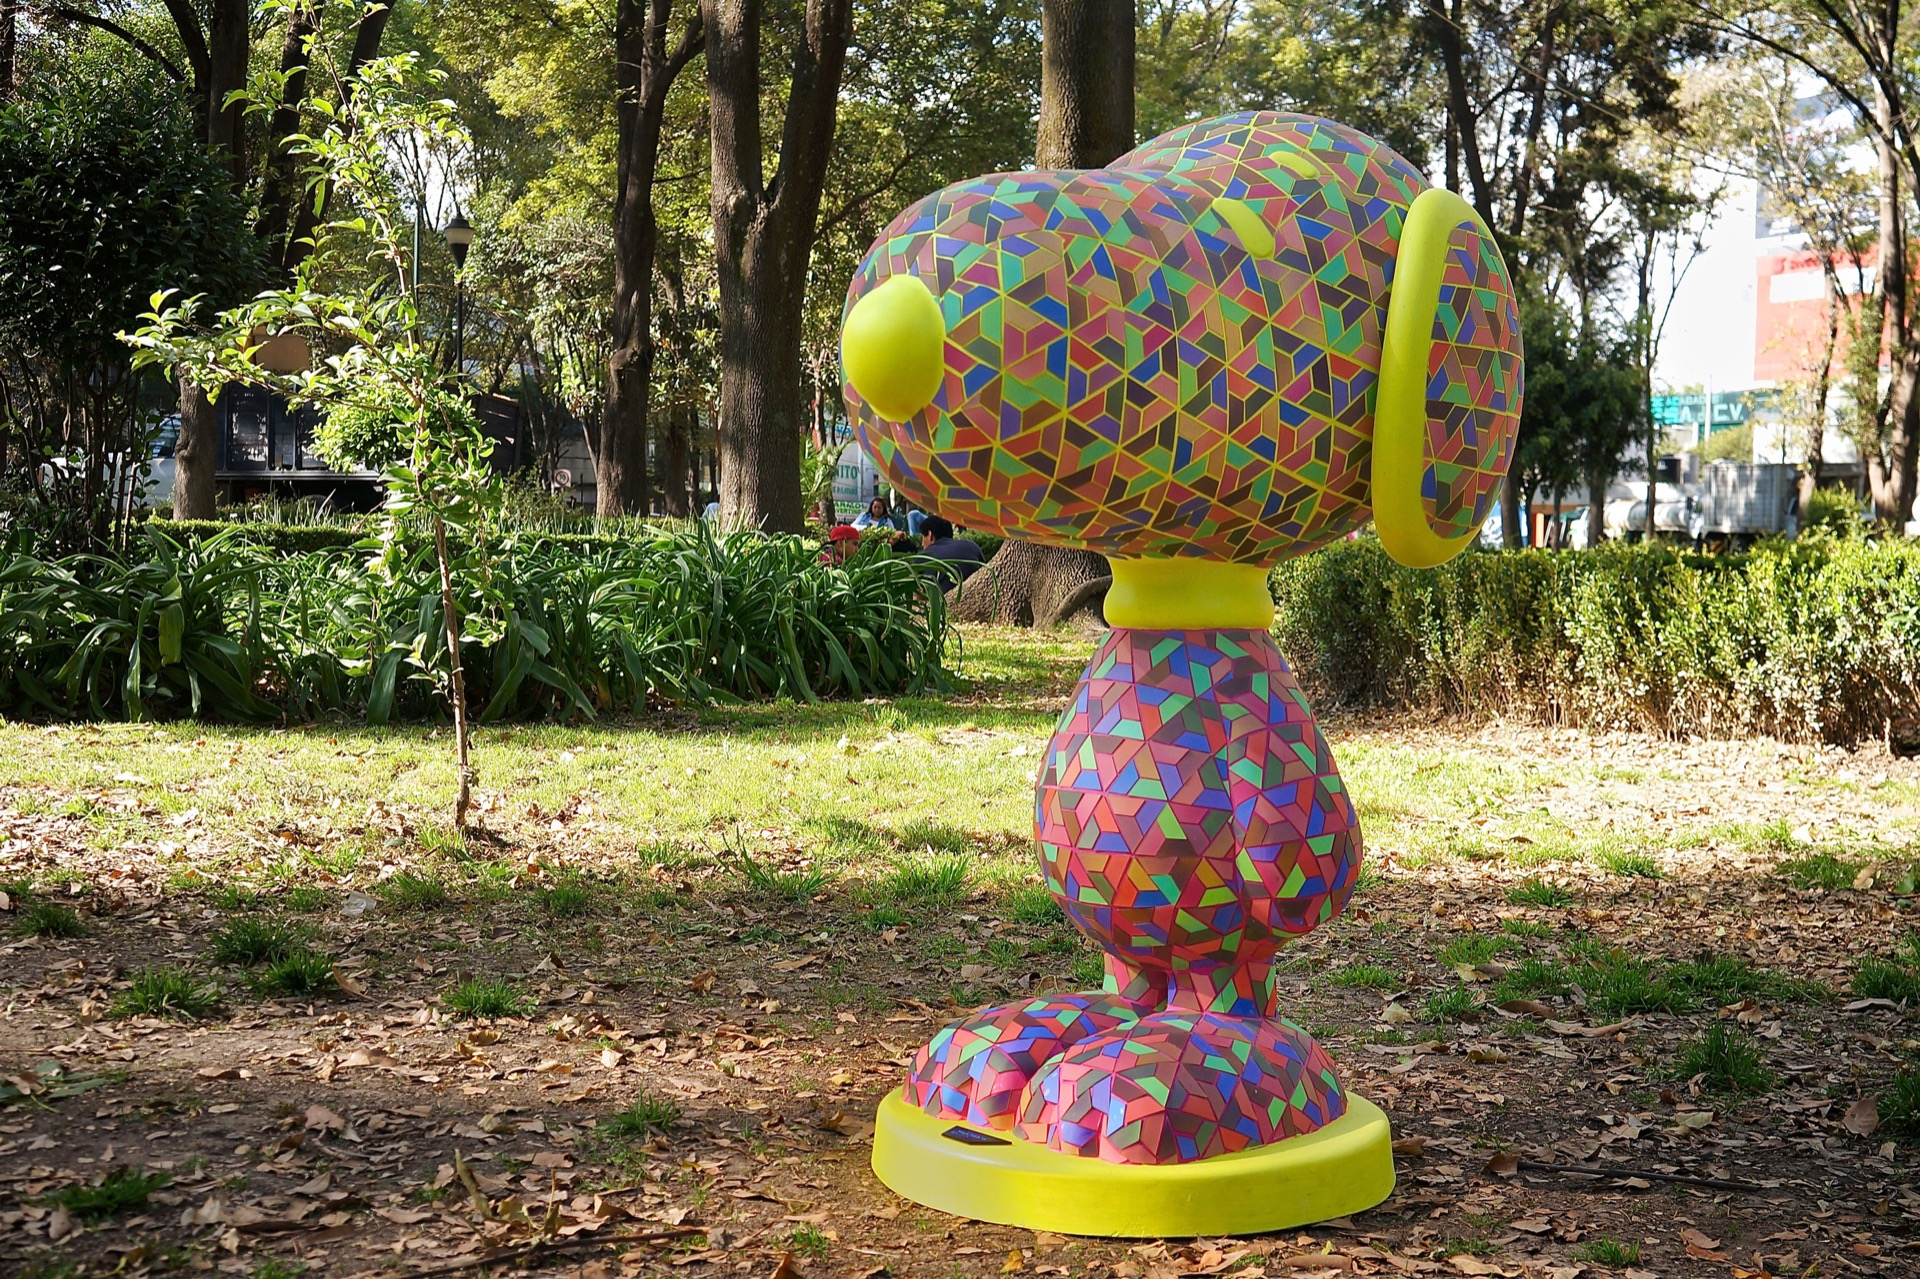 Mosaico Lenticular Las piezas cambian de color cuando caminas a su alrededor.